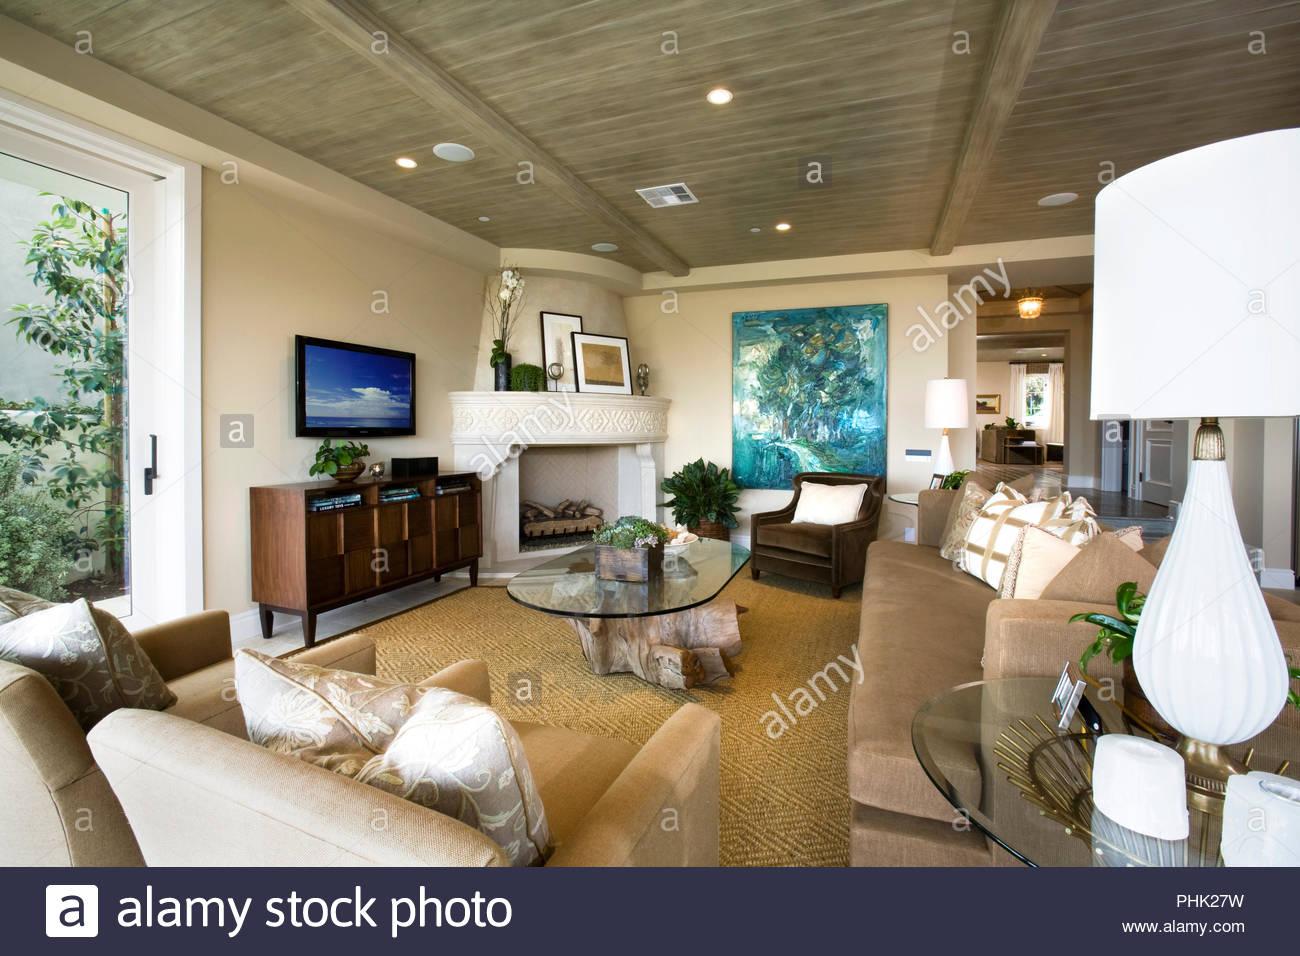 Braun und Weiß Wohnzimmer Stockfoto, Bild: 217392445 - Alamy